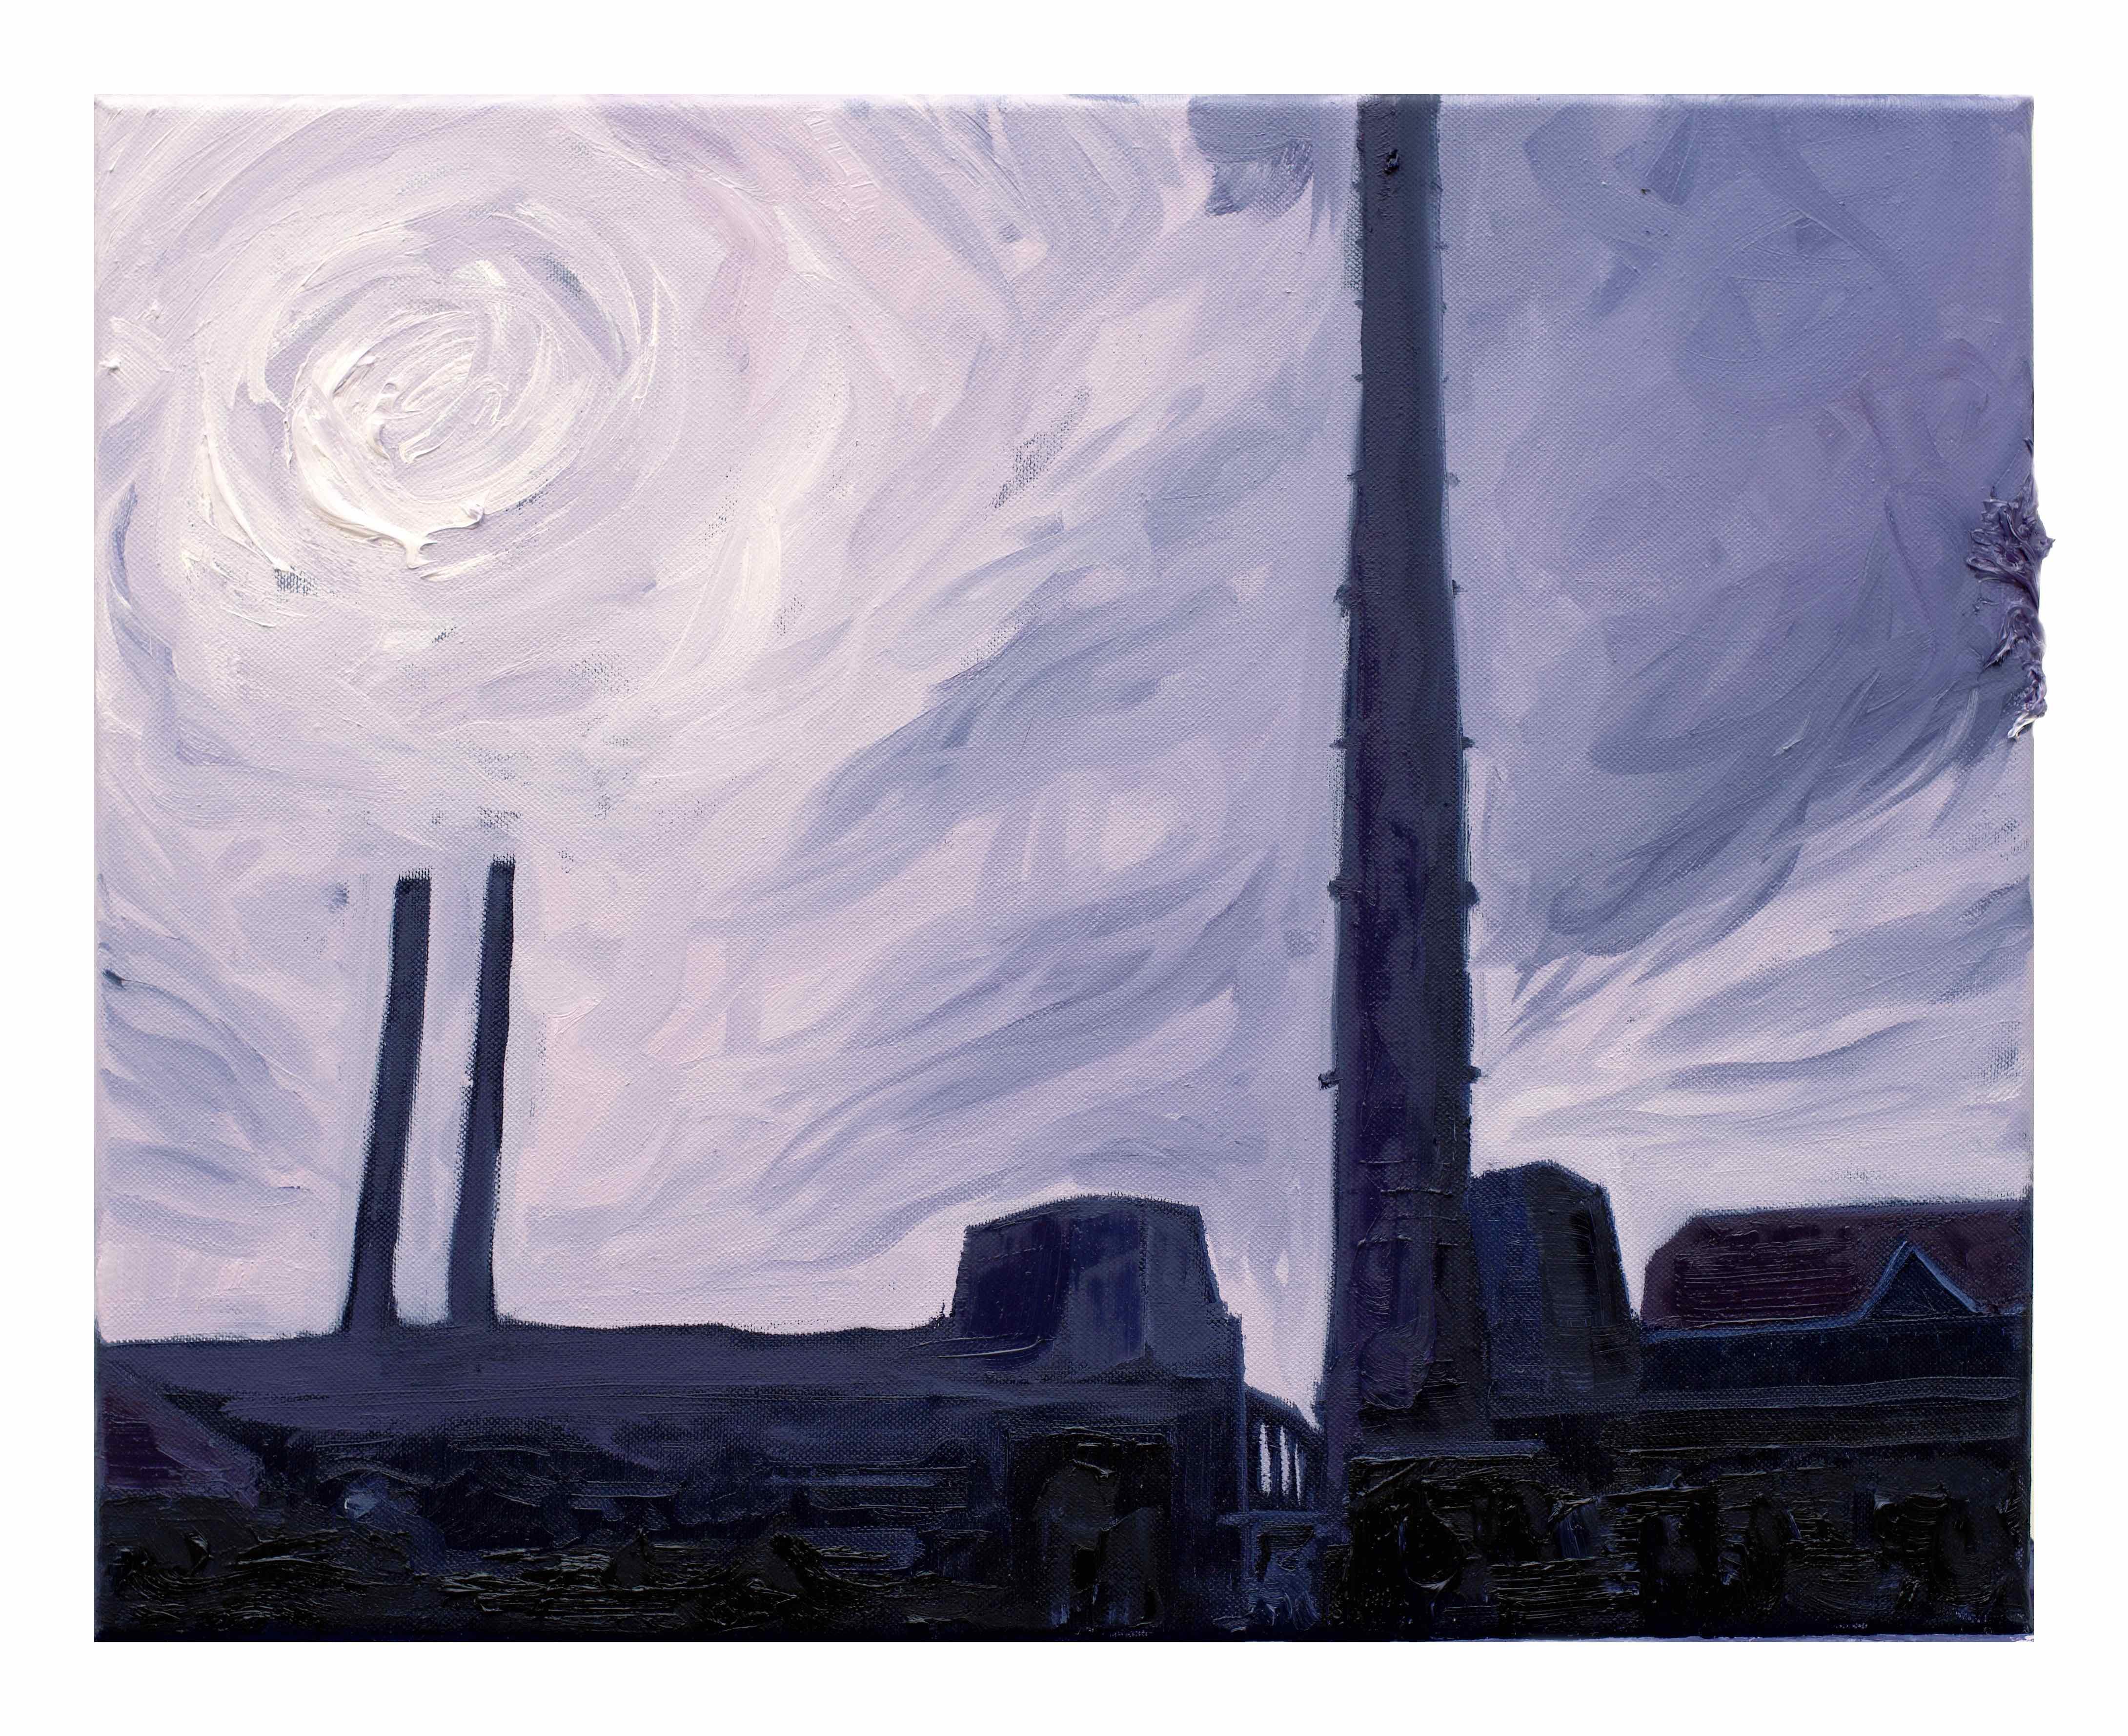 Tutto ciò che è solido si scioglie nell'aria,Filippo Cristini 2018, olio su tela, 40x50 cm